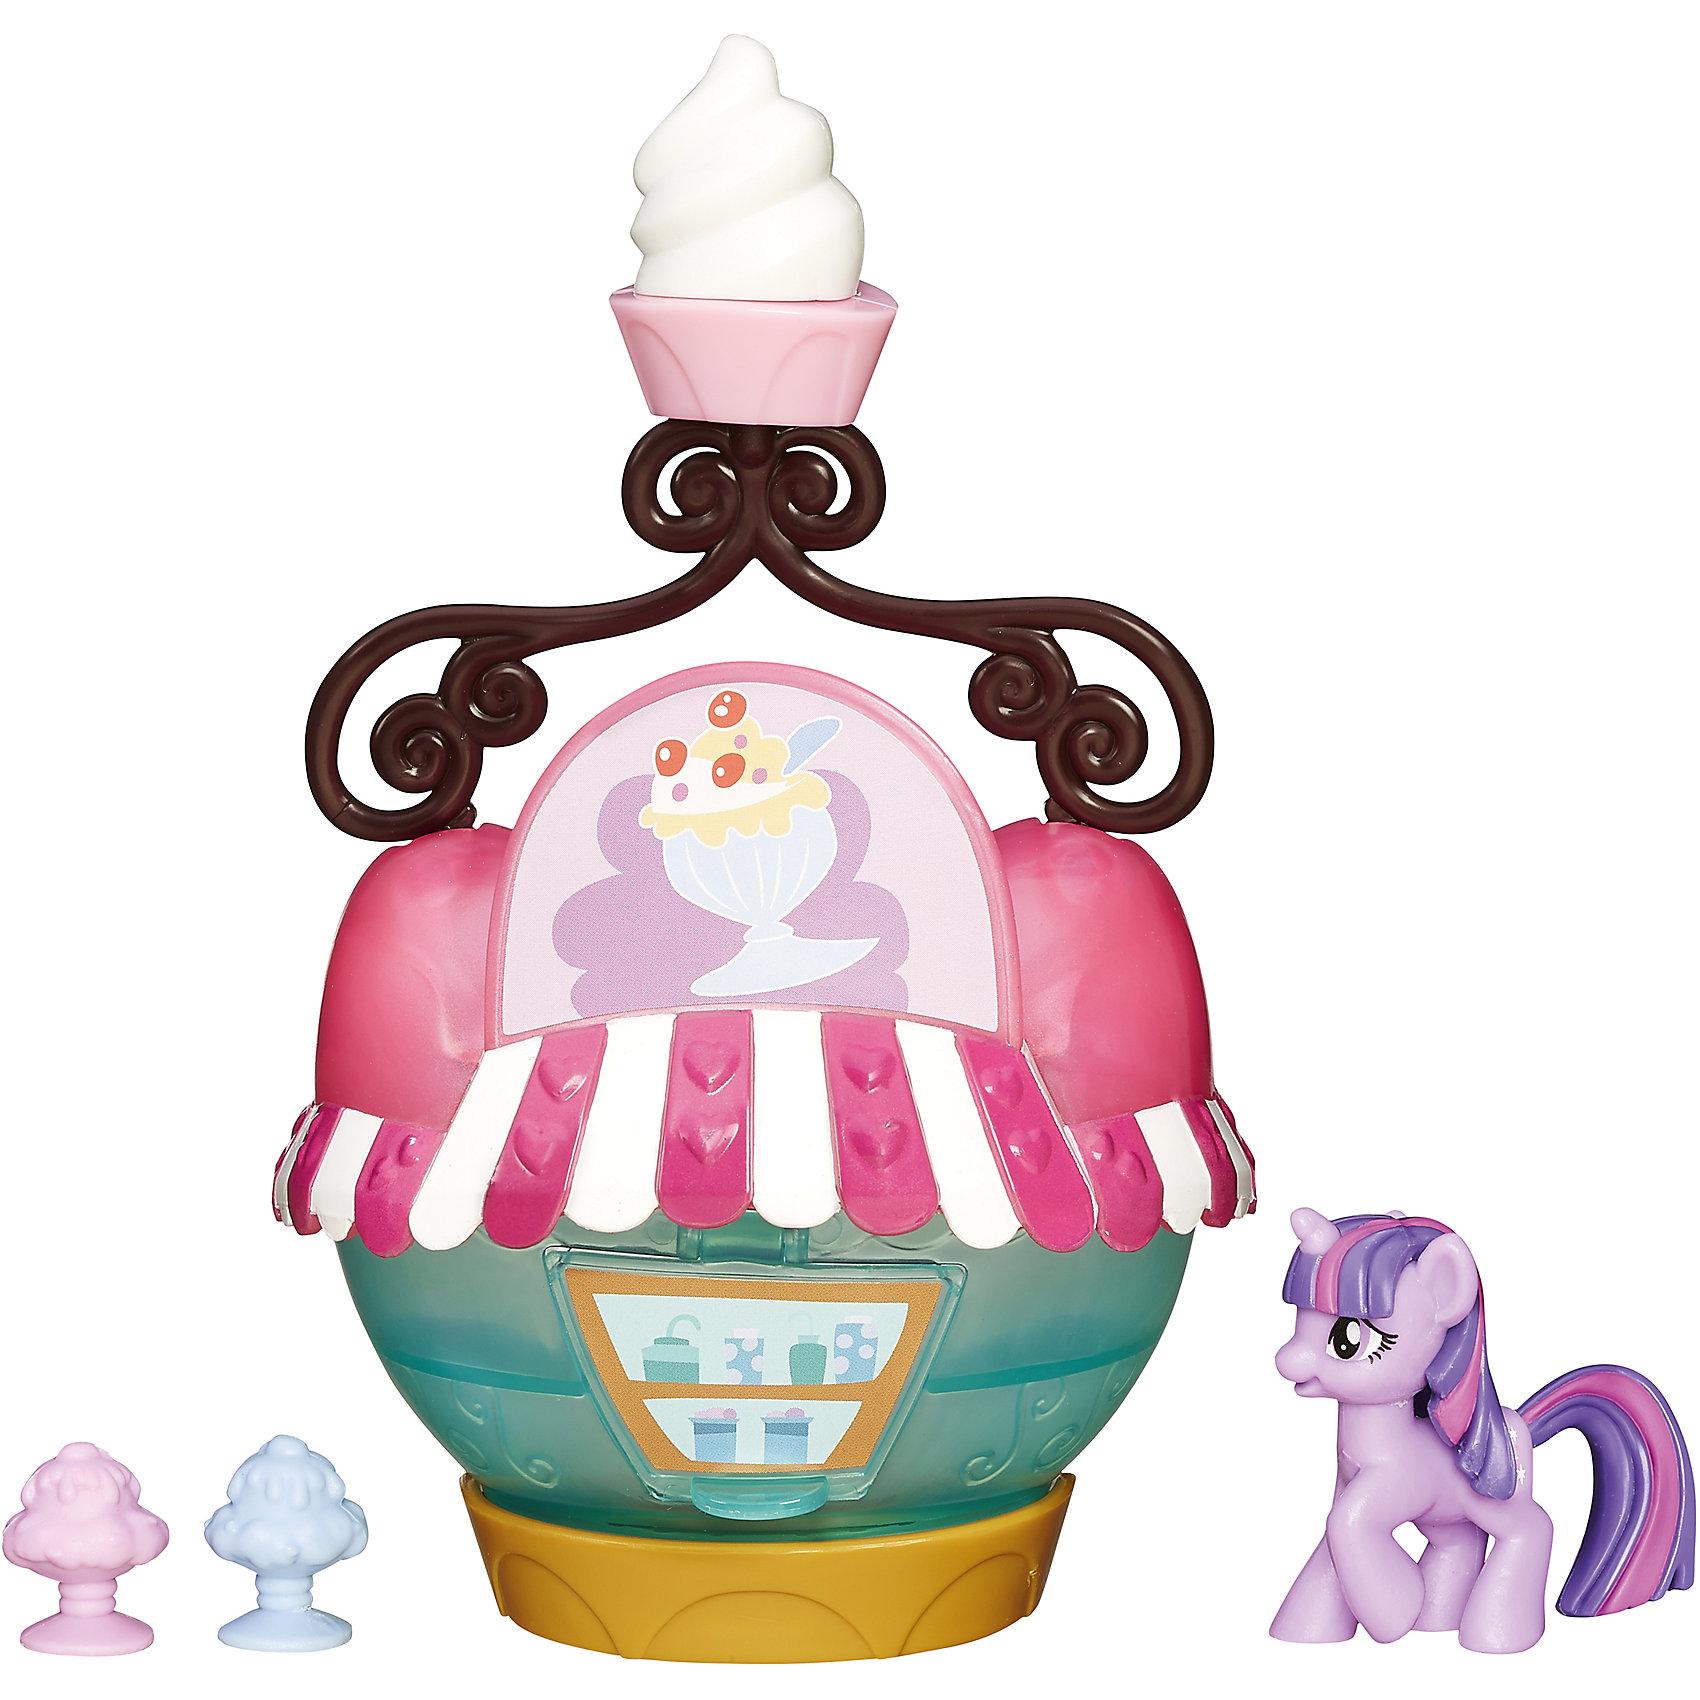 Коллекционный игровой мини-набор пони Твайлайт Спаркл, My little Pony, B3597/B5568Игрушки<br>Коллекционный игровой мини-набор пони, My little Pony, B3597/B5568.<br><br>Характеристики:<br><br>- В наборе: фигурка пони Твайлайт Спаркл, 2 десерта, кафе<br>- Размер фигурки пони: около 4 см.<br>- Материал: высококачественная пластмасса<br>- Размер упаковки: 20x16.5x6 см.<br><br>Коллекционный набор с фигуркой Твайлайт Спаркл от Hasbro (Хасбро) станет приятным подарком для девочки - поклонницы мультсериала Моя маленькая пони. Дружба - это чудо!. В комплекте есть кафе-мороженое и два десерта, которые позволят придумать множество разных сюжетных линий и историй. Пони Твайлайт Спаркл отправляется в свое любимое кафе, чтобы заказать любимое лакомство. Кафе выглядит очень здорово: оно похоже на креманку с мороженым, а наверху есть вывеска с объемным изображением любимого десерта Твайлайт. Характерной особенностью набора является то, что главная героиня мультсериала My Little Pony изображена еще совсем юной малышкой. Она еще не является принцессой-единорогом, поэтому у нее отсутствуют крылышки. Набор выполнен из высококачественной пластмассы, безопасен для детей.<br><br>Коллекционный игровой мини-набор пони, My little Pony, B3597/B5568 можно купить в нашем интернет-магазине.<br><br>Ширина мм: 206<br>Глубина мм: 167<br>Высота мм: 600<br>Вес г: 132<br>Возраст от месяцев: 48<br>Возраст до месяцев: 72<br>Пол: Женский<br>Возраст: Детский<br>SKU: 5064687